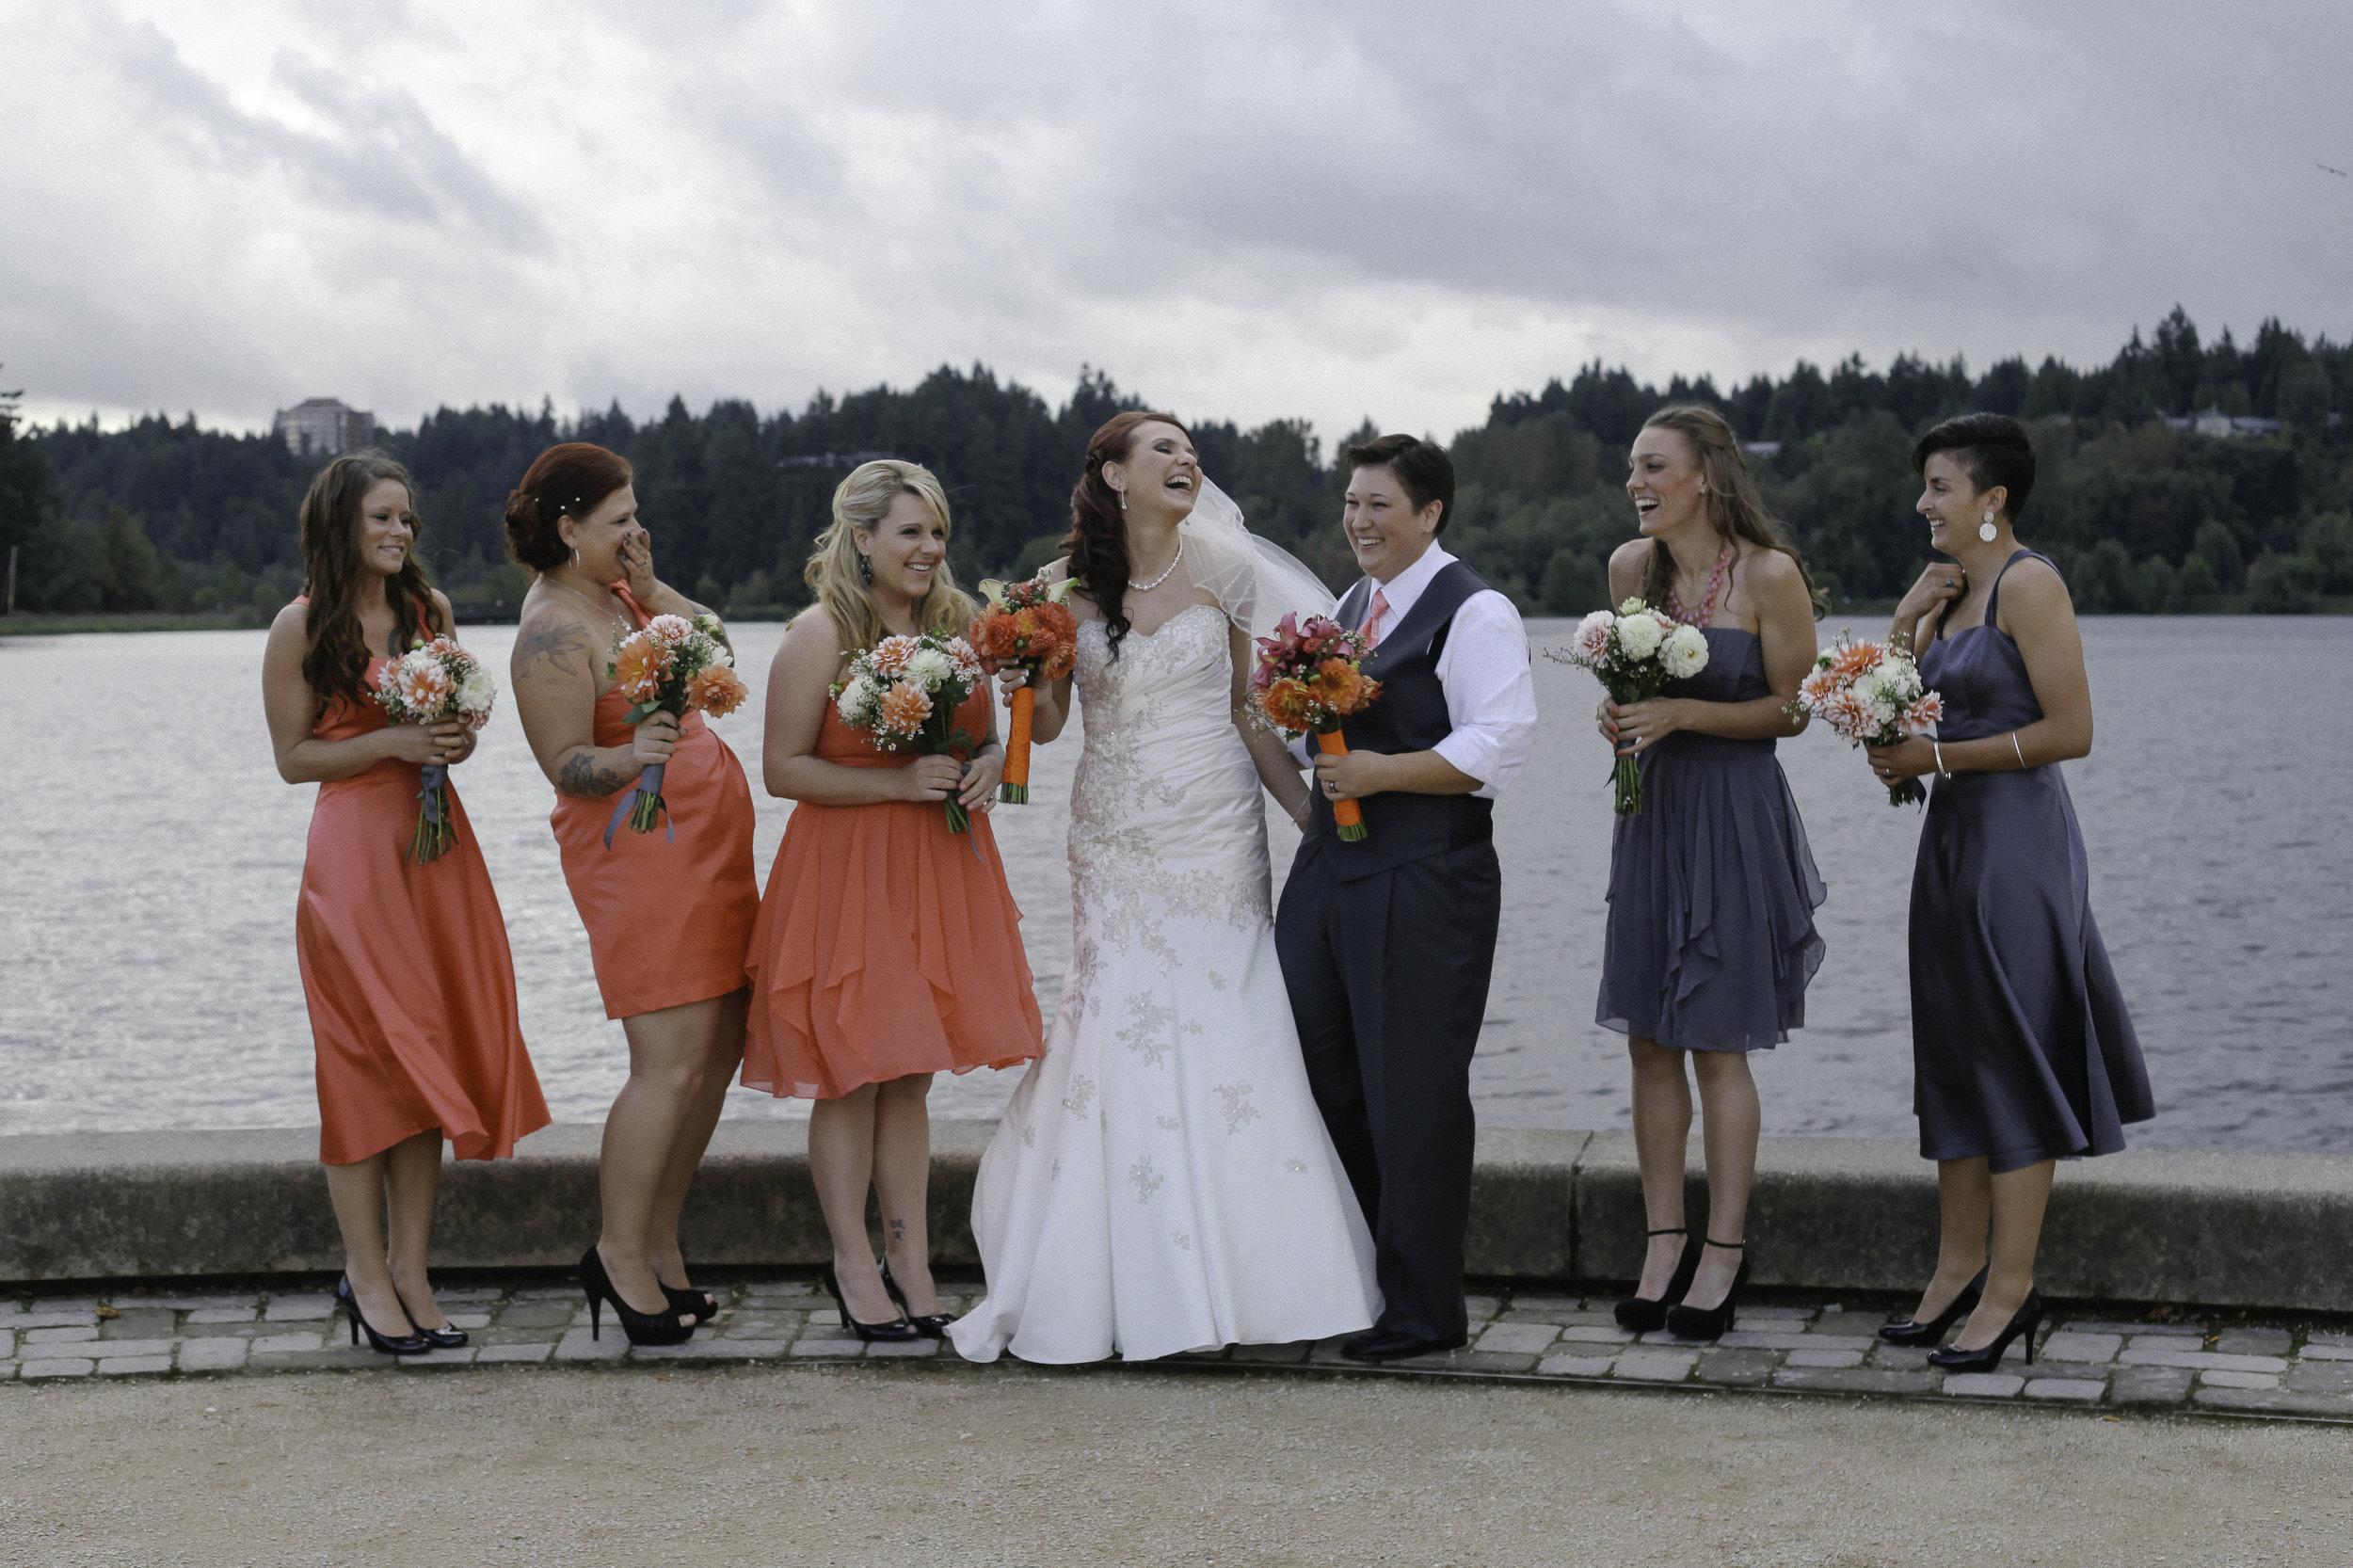 Devon Sara Married-Devon Sara-0189.jpg